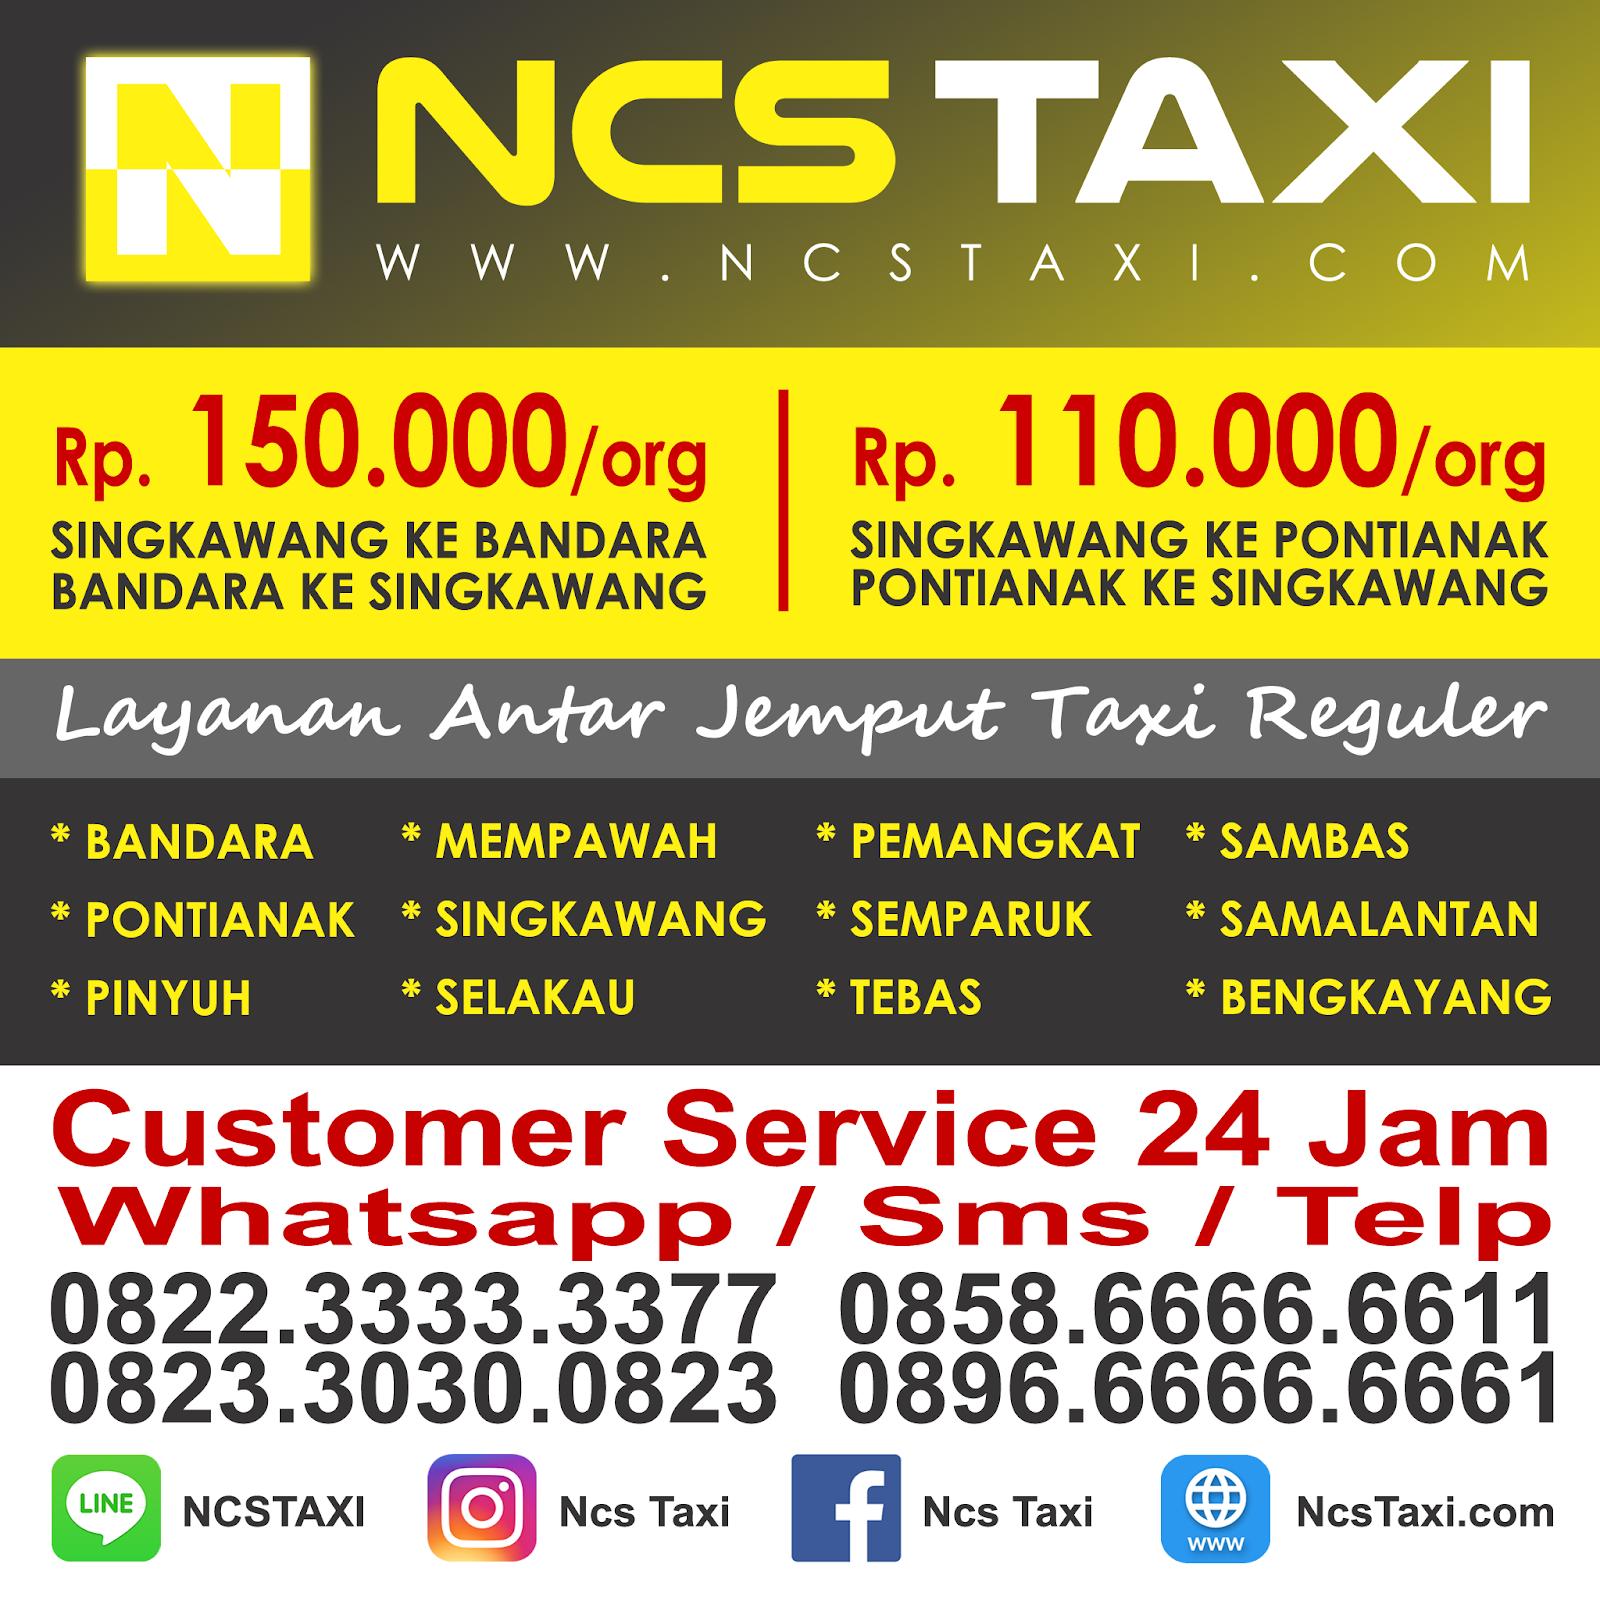 Nomor Telepon Penting Di Kota Pontianak Ncstaxi Com Ncs Taxi Singkawang Pontianak Bandara Kalimantan Barat